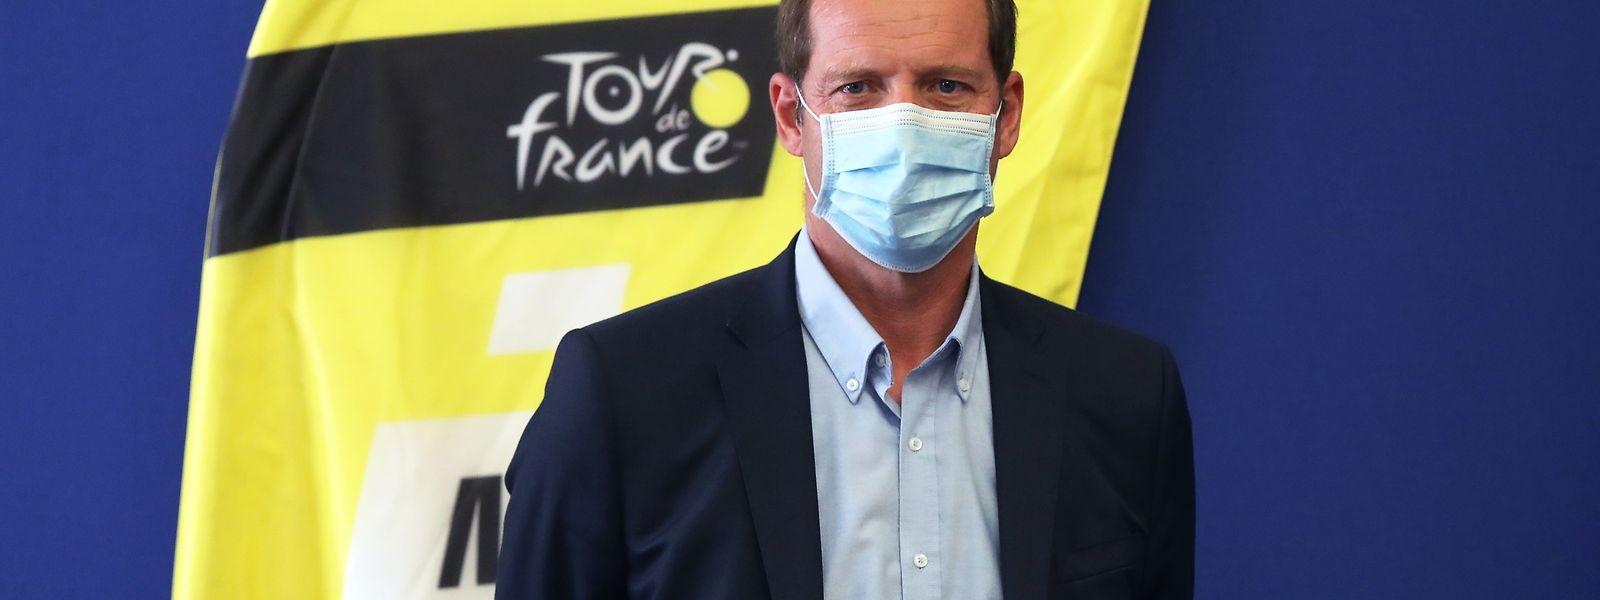 Christian Prudhomme que deverá juntar-se à caravana na próxima segunda-feira, será substituído na direção da prova por François Lemarchand.